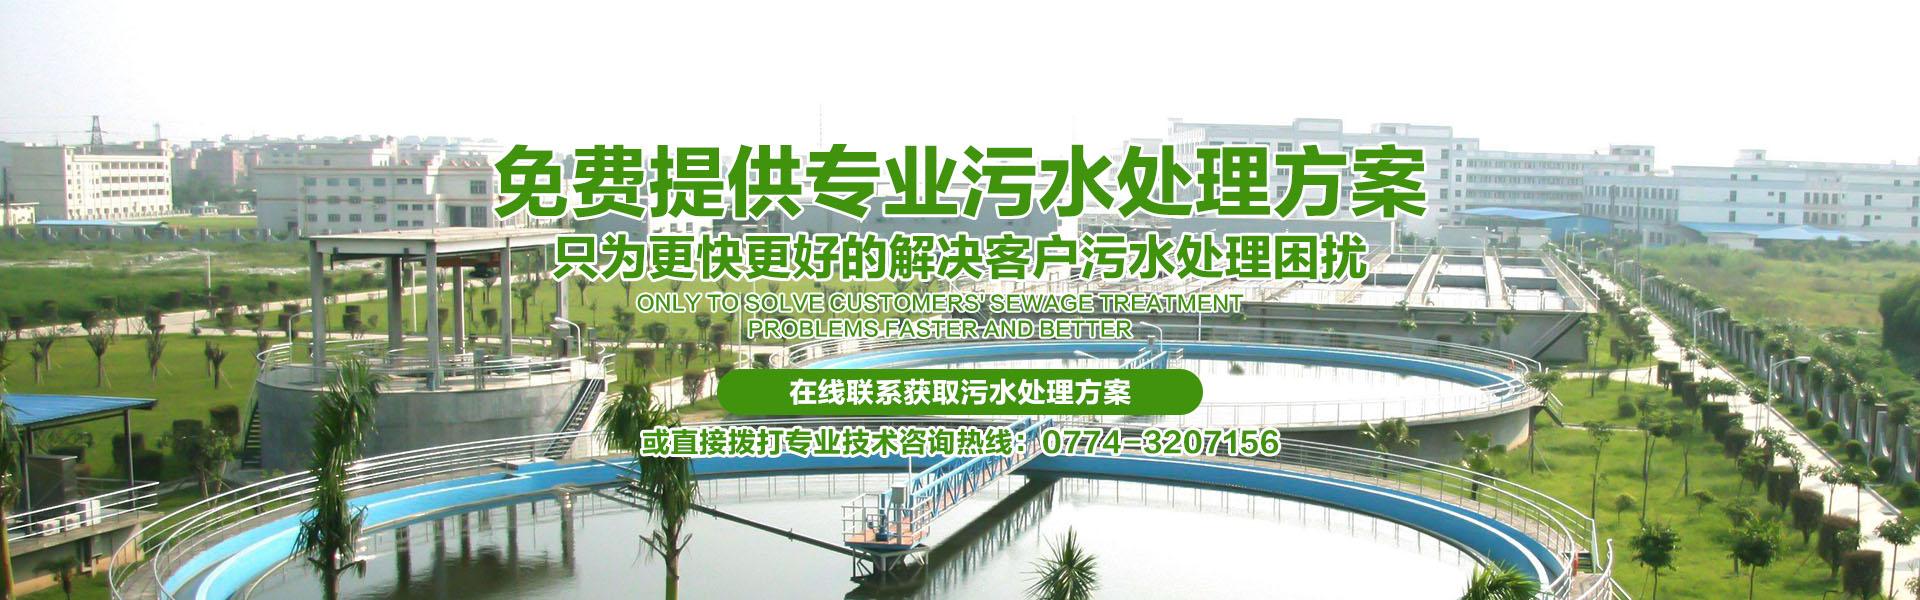 鸿淳环保免费为客户提供专业污水处理方案